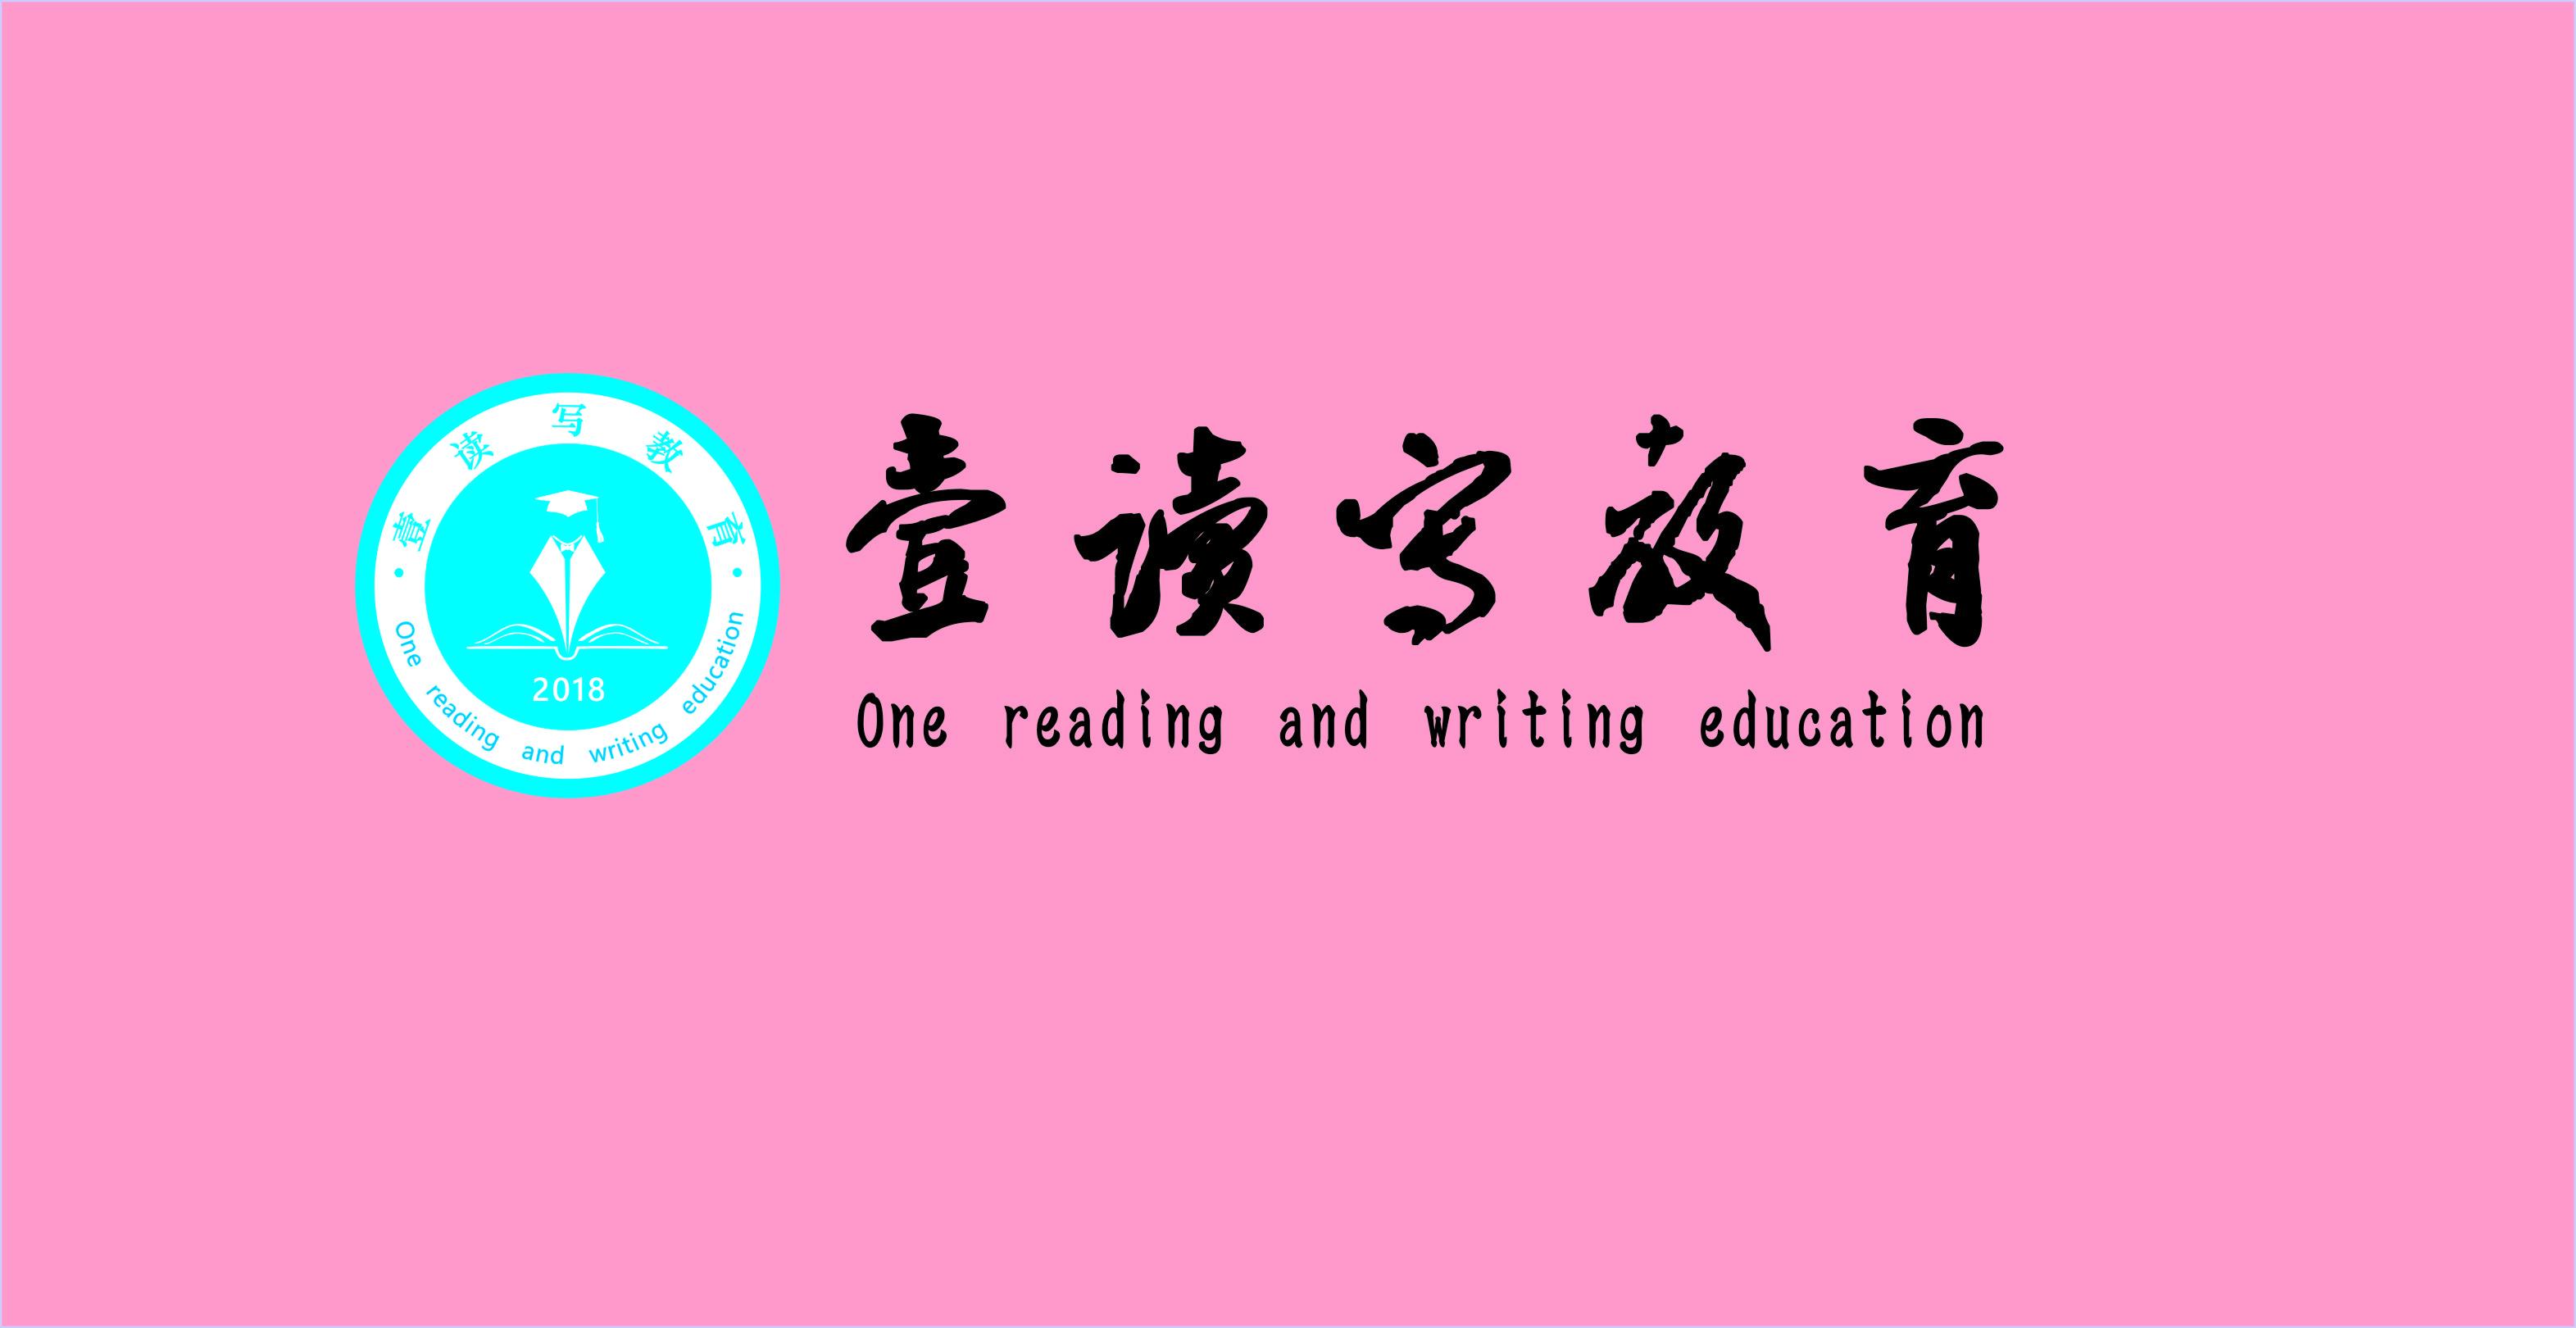 独家发布 |壹读写:小学生课外阅读经典书目